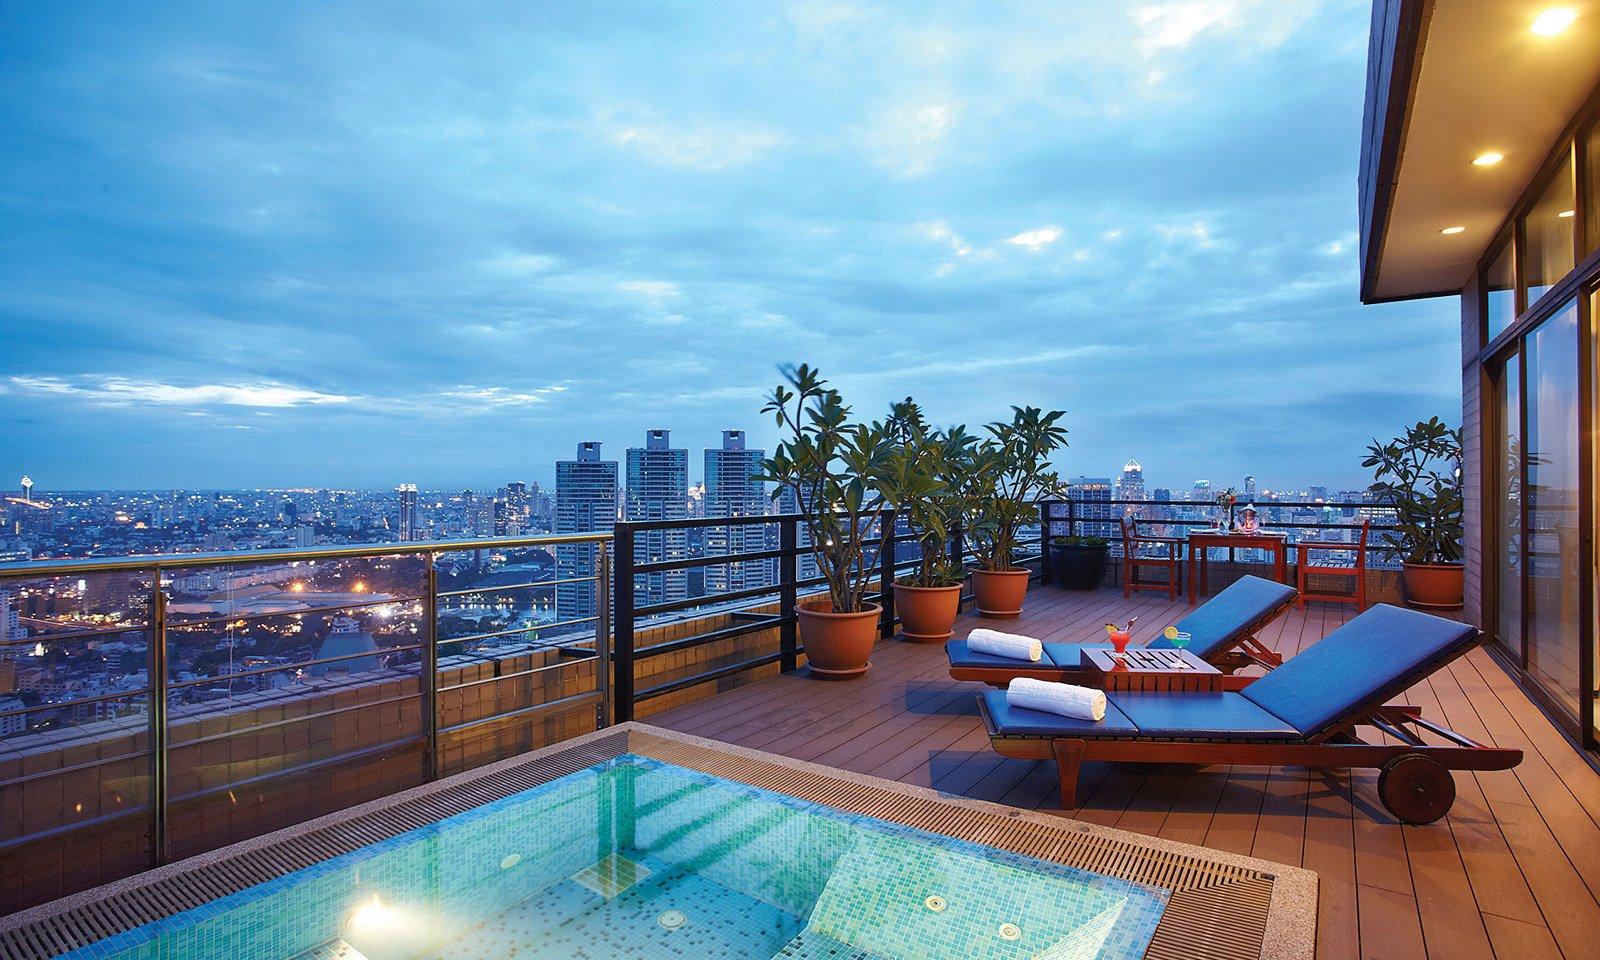 Penthouse_Jacuzzi-Balcony01